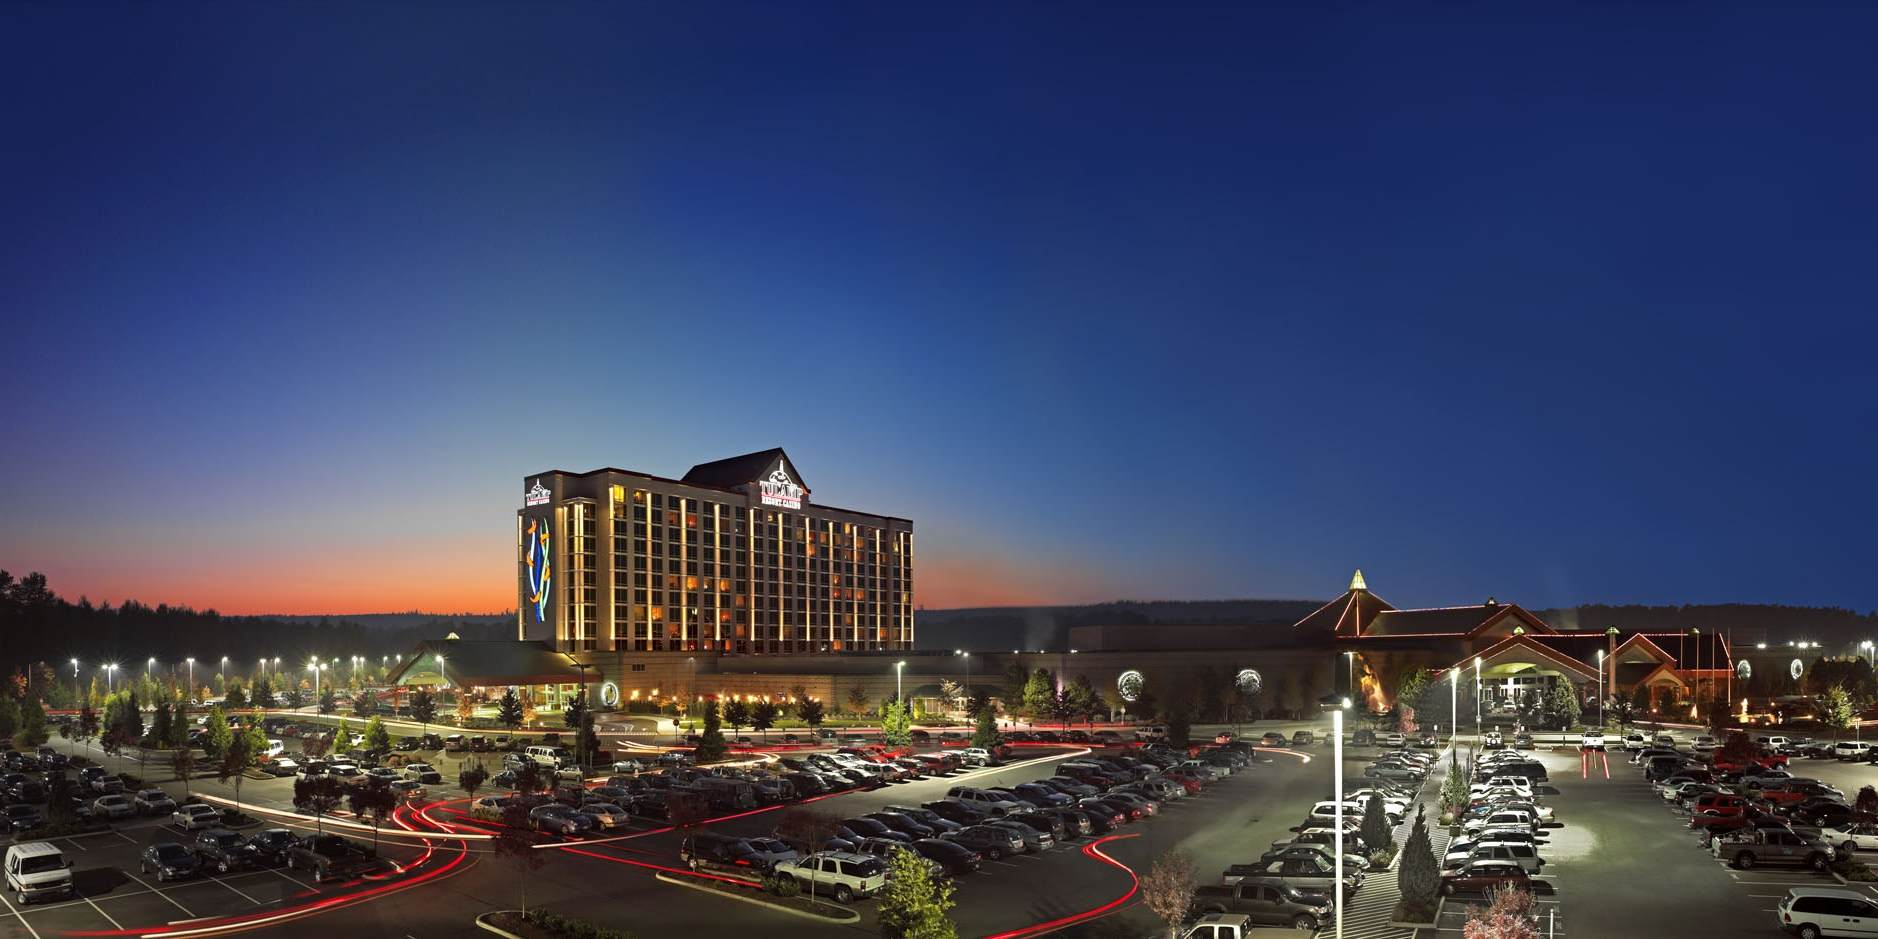 Tulalip casino marysville wa gary saul legendary casino expert